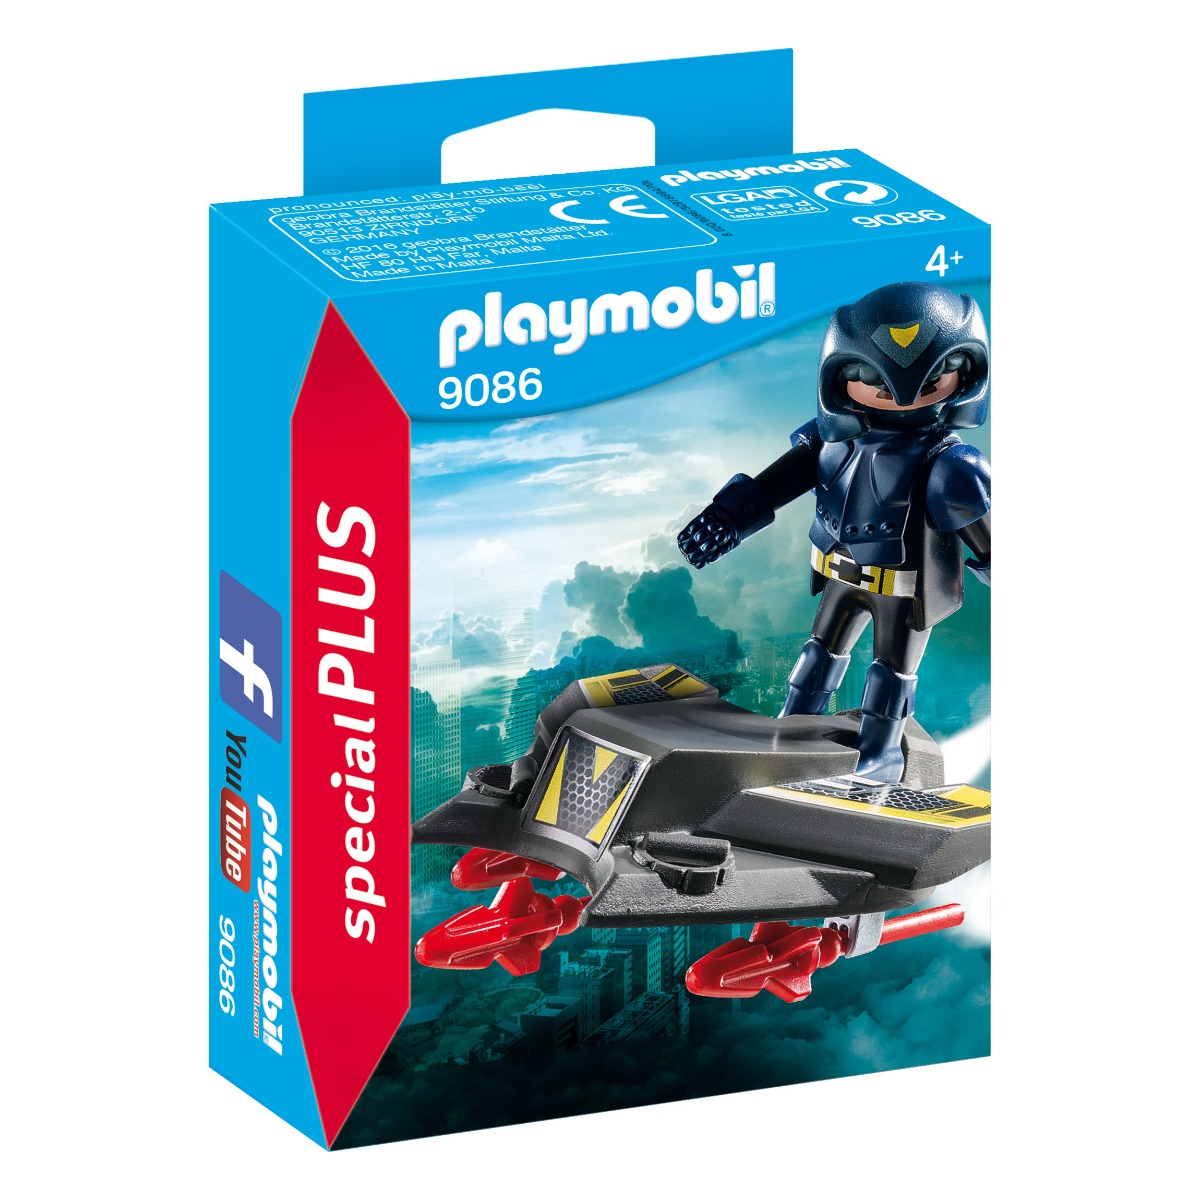 figurina playmobil special plus - cavaler cu jet sky zburator (9086)